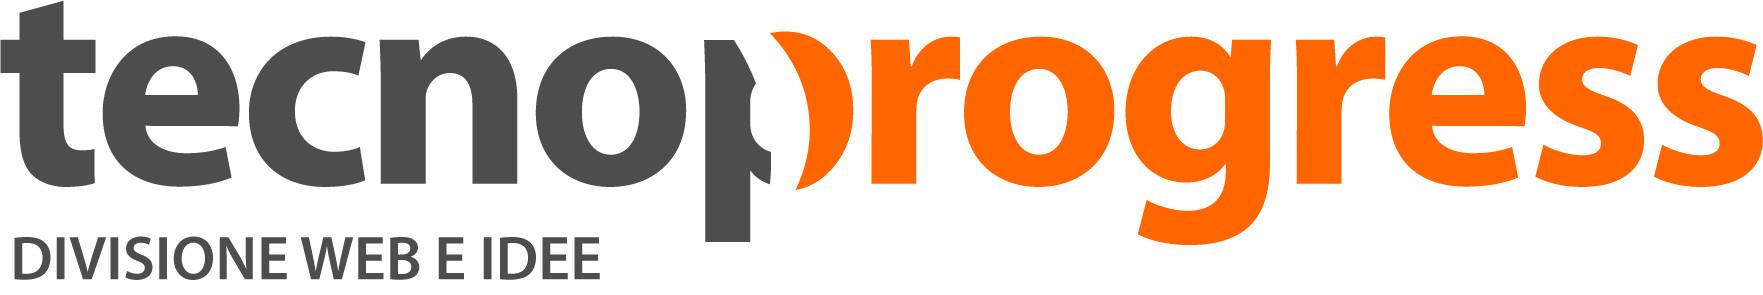 Tecnoprogress S.p.A. - Bic personalizzate per le aziende